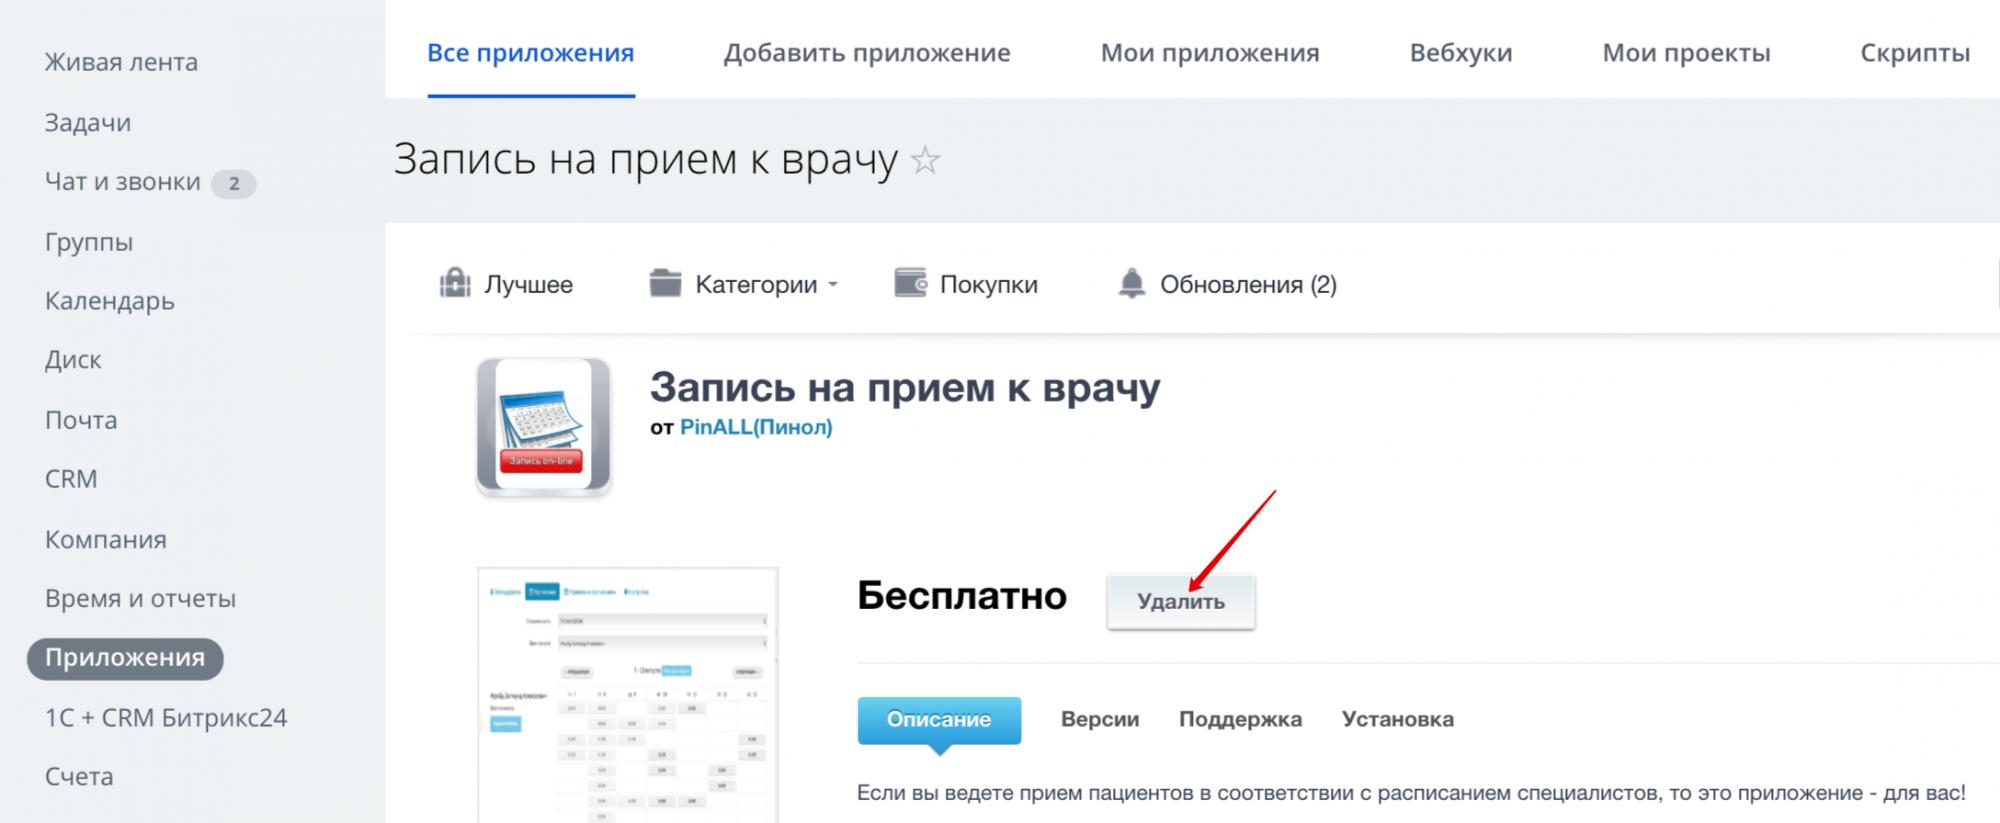 Битрикс24 удалить приложение предыдущая и следующая новость битрикс